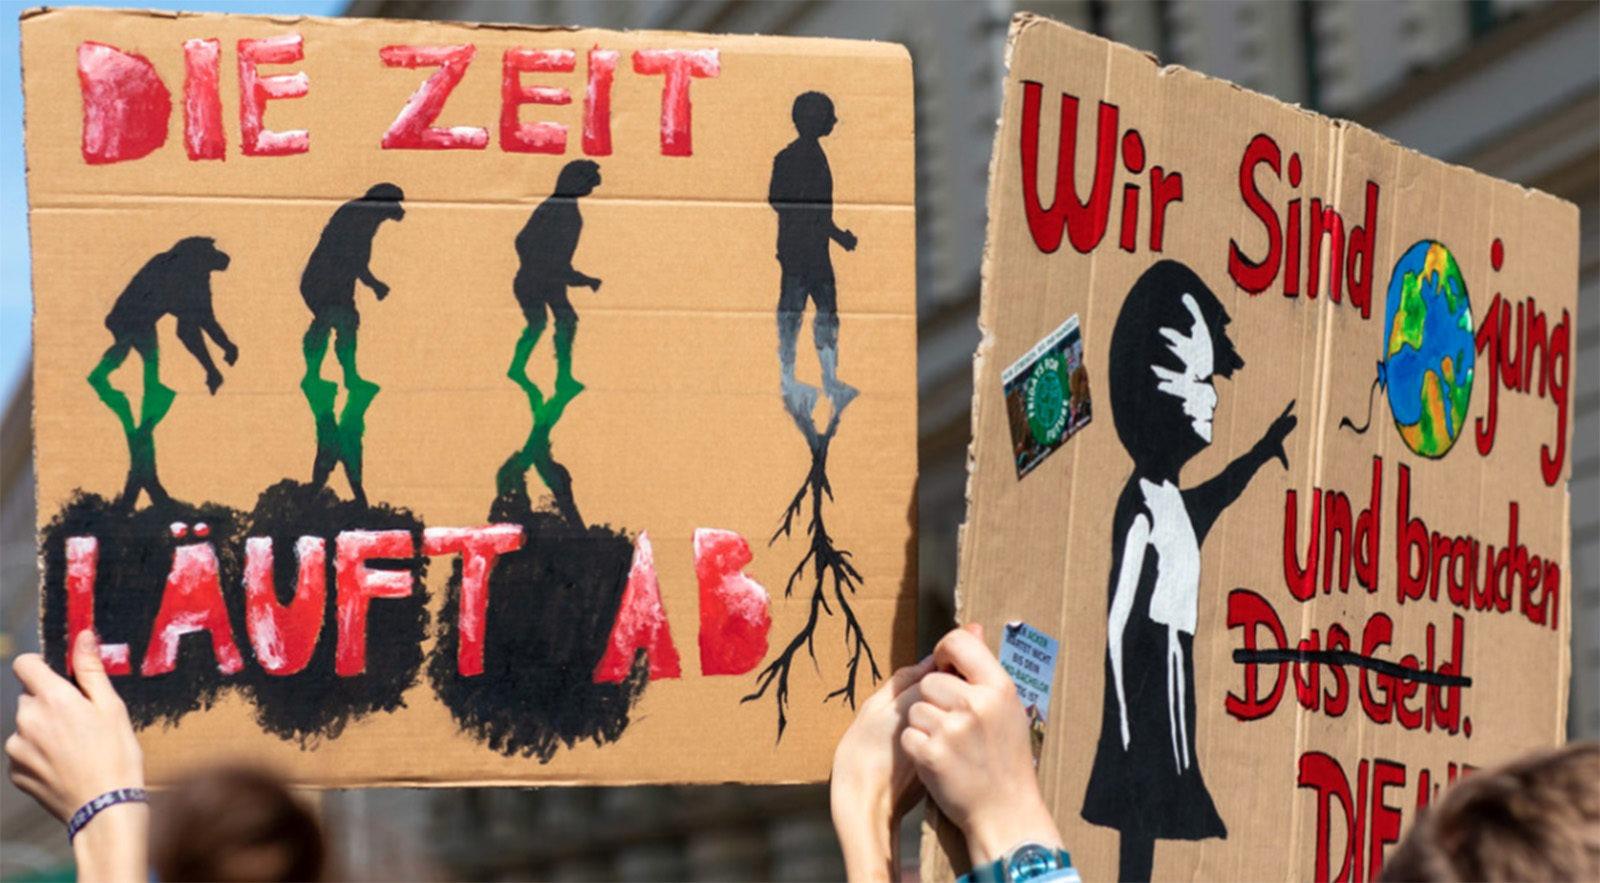 ドイツ、ベルリンの気候ストライキで抗議のプラカードを掲げる活動家たち。ドイツでは推定140万人以上が気候ストライキに参加した。Photo: Courtesy of Patagonia